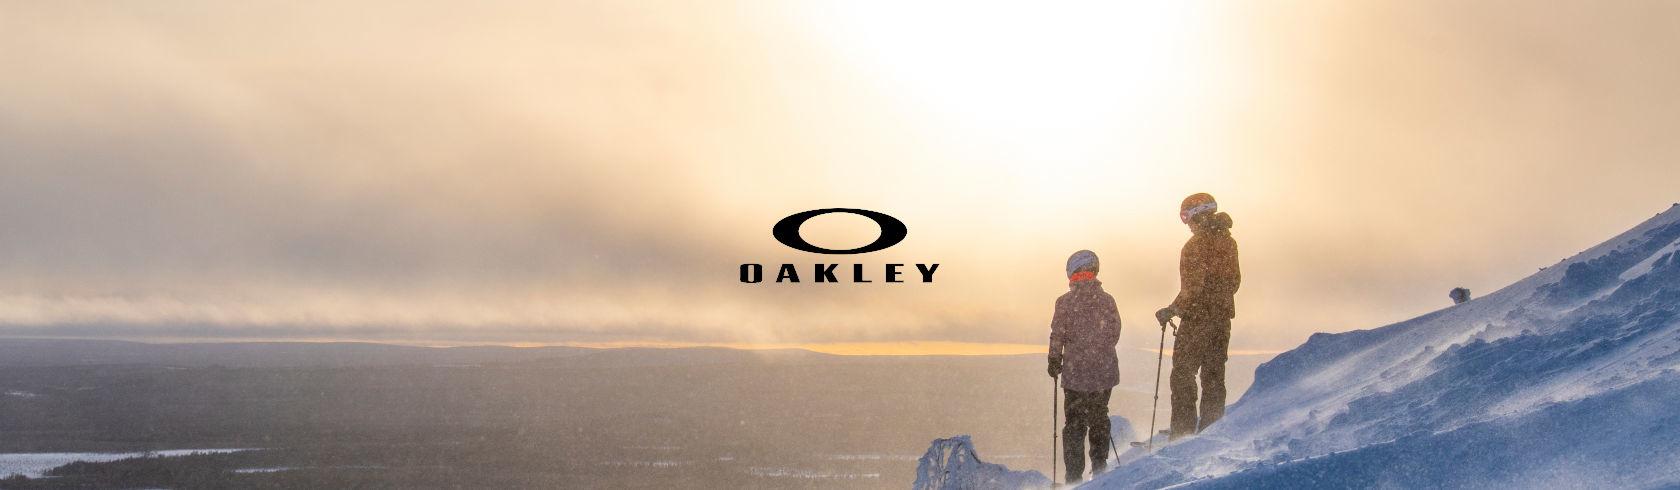 Oakley brand logo